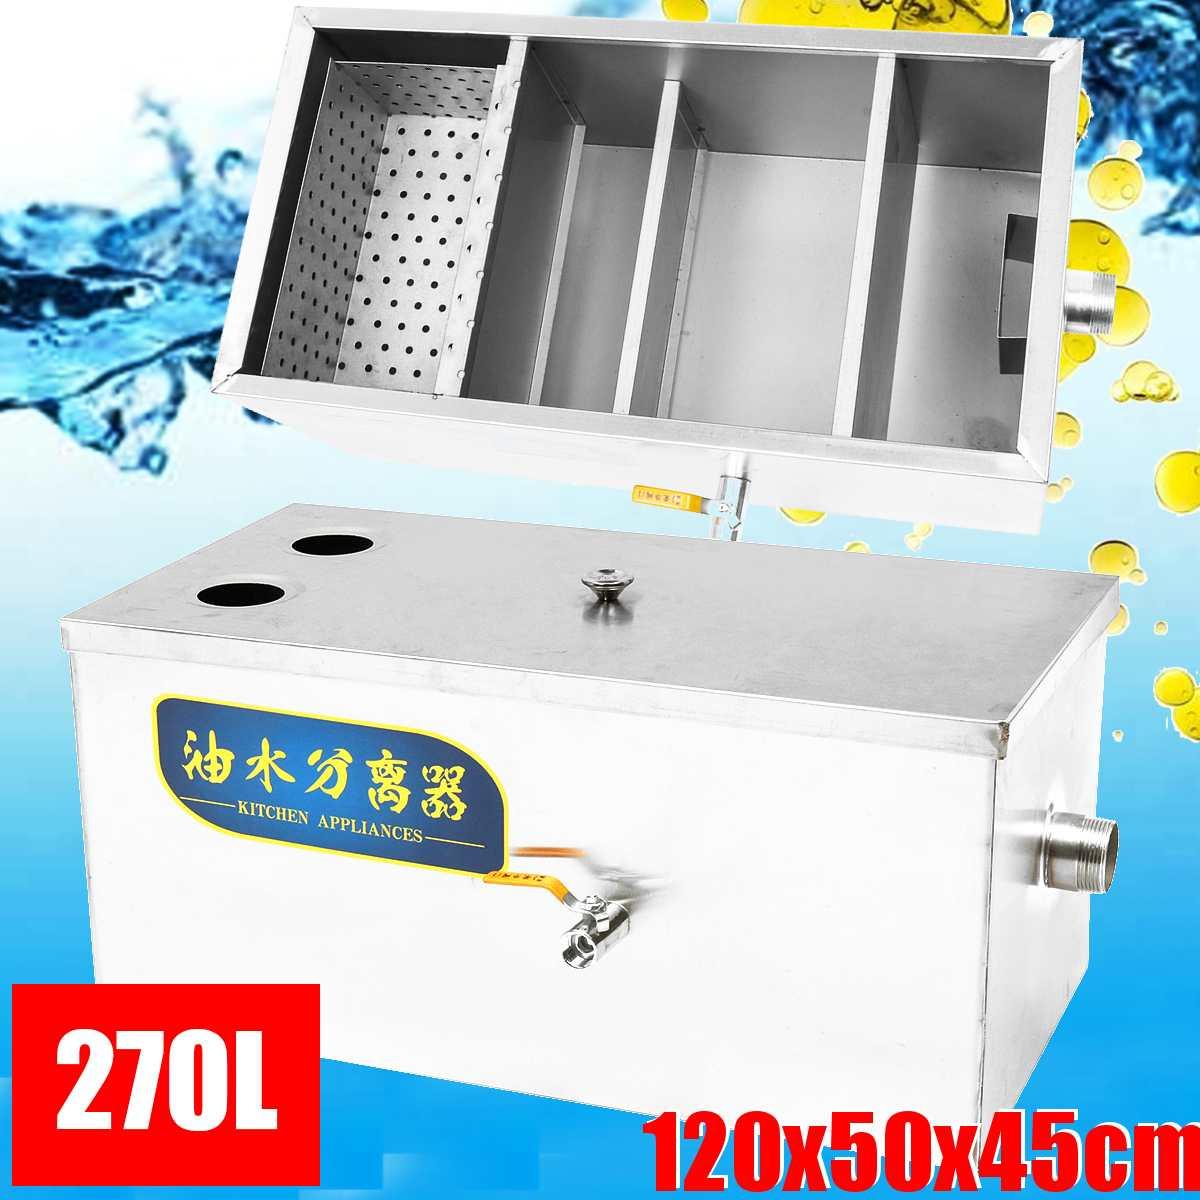 Filtre d'intercepteur d'eaux usées de Restaurant de cuisine d'intercepteur de piège à graisse d'acier inoxydable 270L épaissi Commercial